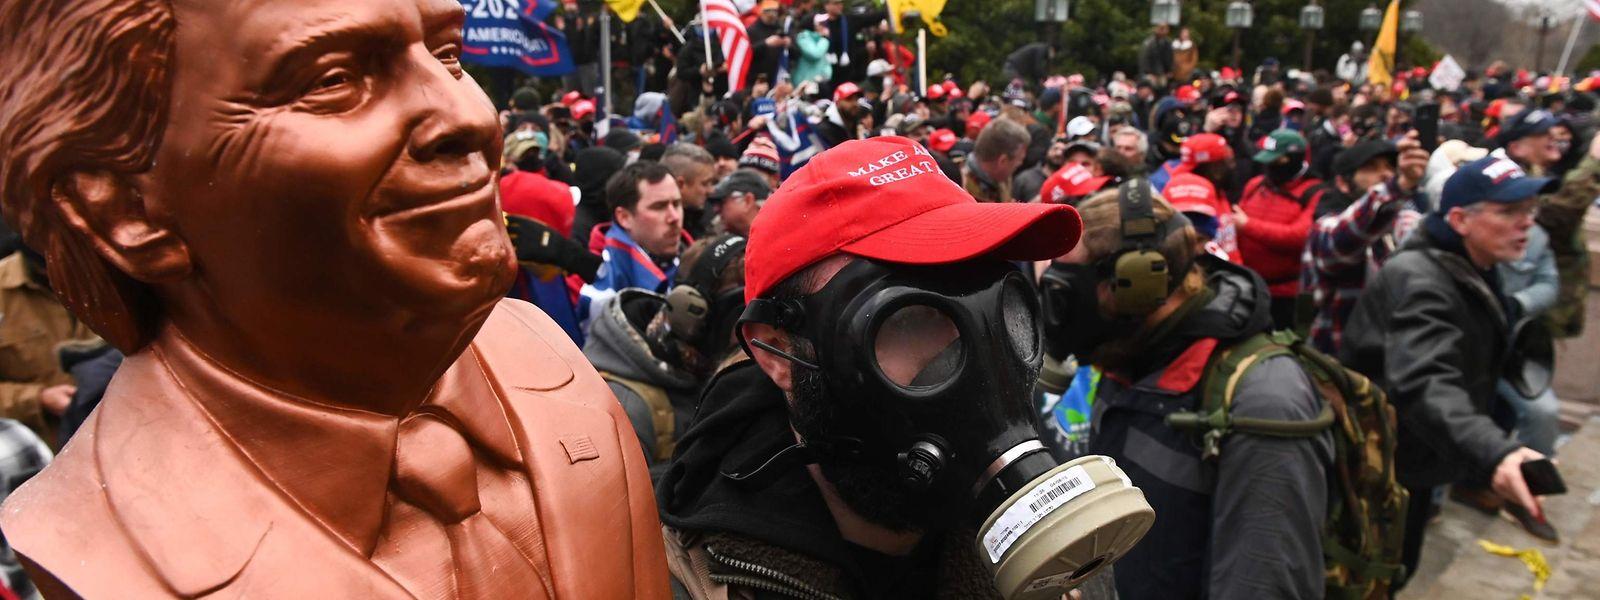 D'autres mouvements de foule sont-ils à craindre avant la passation de pouvoir du 20 janvier? Natalie Bachiri craint que oui.